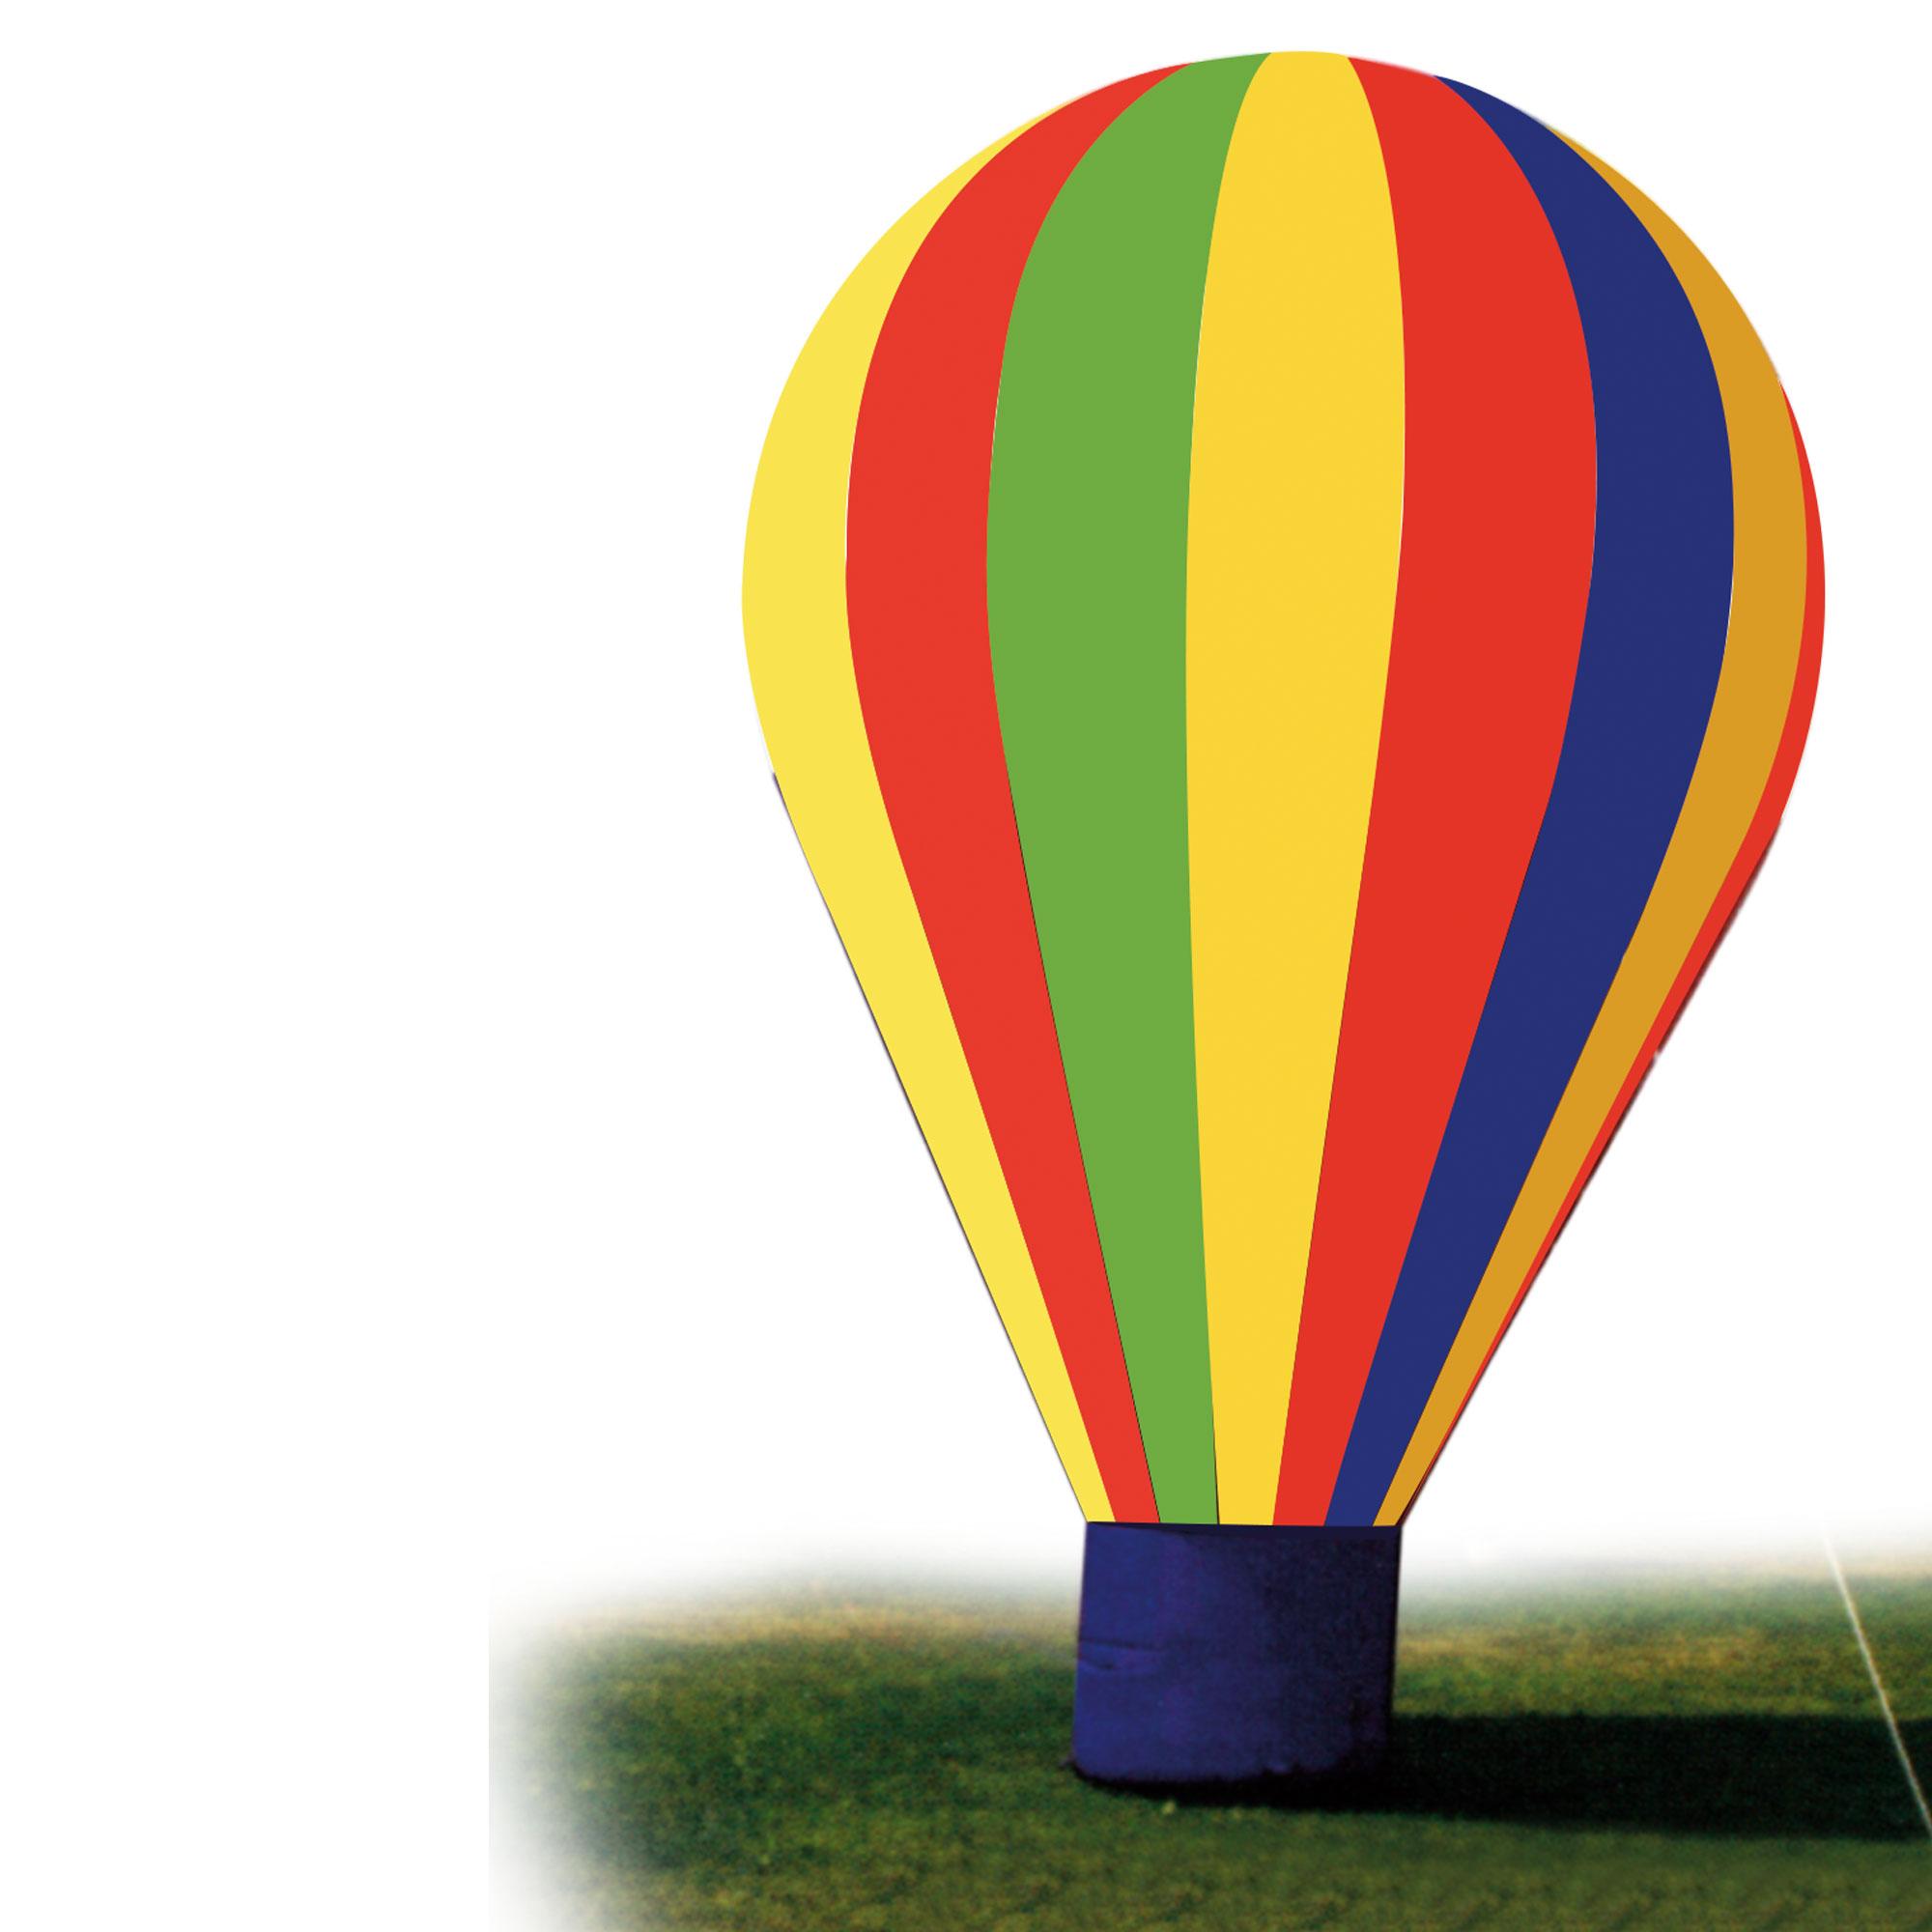 Ballon aus Ballonstoff